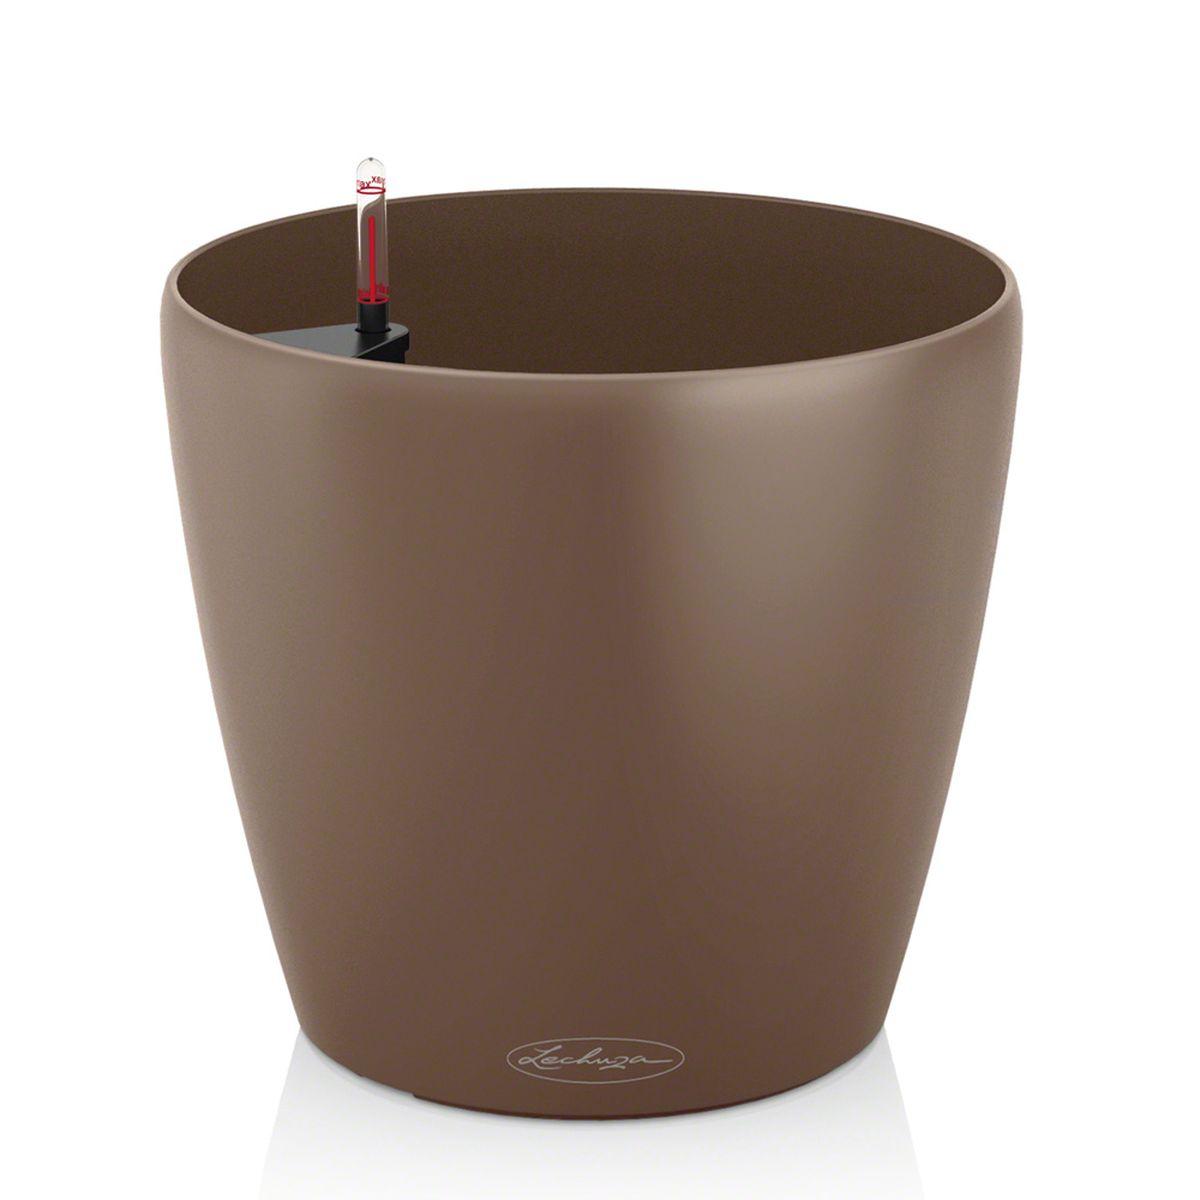 Кашпо Lechuza Color Classico, с системой автополива, цвет: мускатный орех, диаметр 35 см13223Кашпо Lechuza Color Classico, изготовленное из высококачественного пластика, идеальное решение для тех, кто регулярно забывает поливать комнатные растения. Стильный дизайн позволит украсить растениями офис, кафе или любое другое помещение. Кашпо Lechuza Color Classico с системой автополива упростит уход за вашими цветами и поможет растениям получать то количество влаги, которое им необходимо в данный момент времени.В набор входит: кашпо, индикатор уровня воды, субстрат растений в качестве дренажного слоя.Кашпо Lechuza Color Classico украсит любой интерьер и станет замечательным подарком для ваших родных и близких.